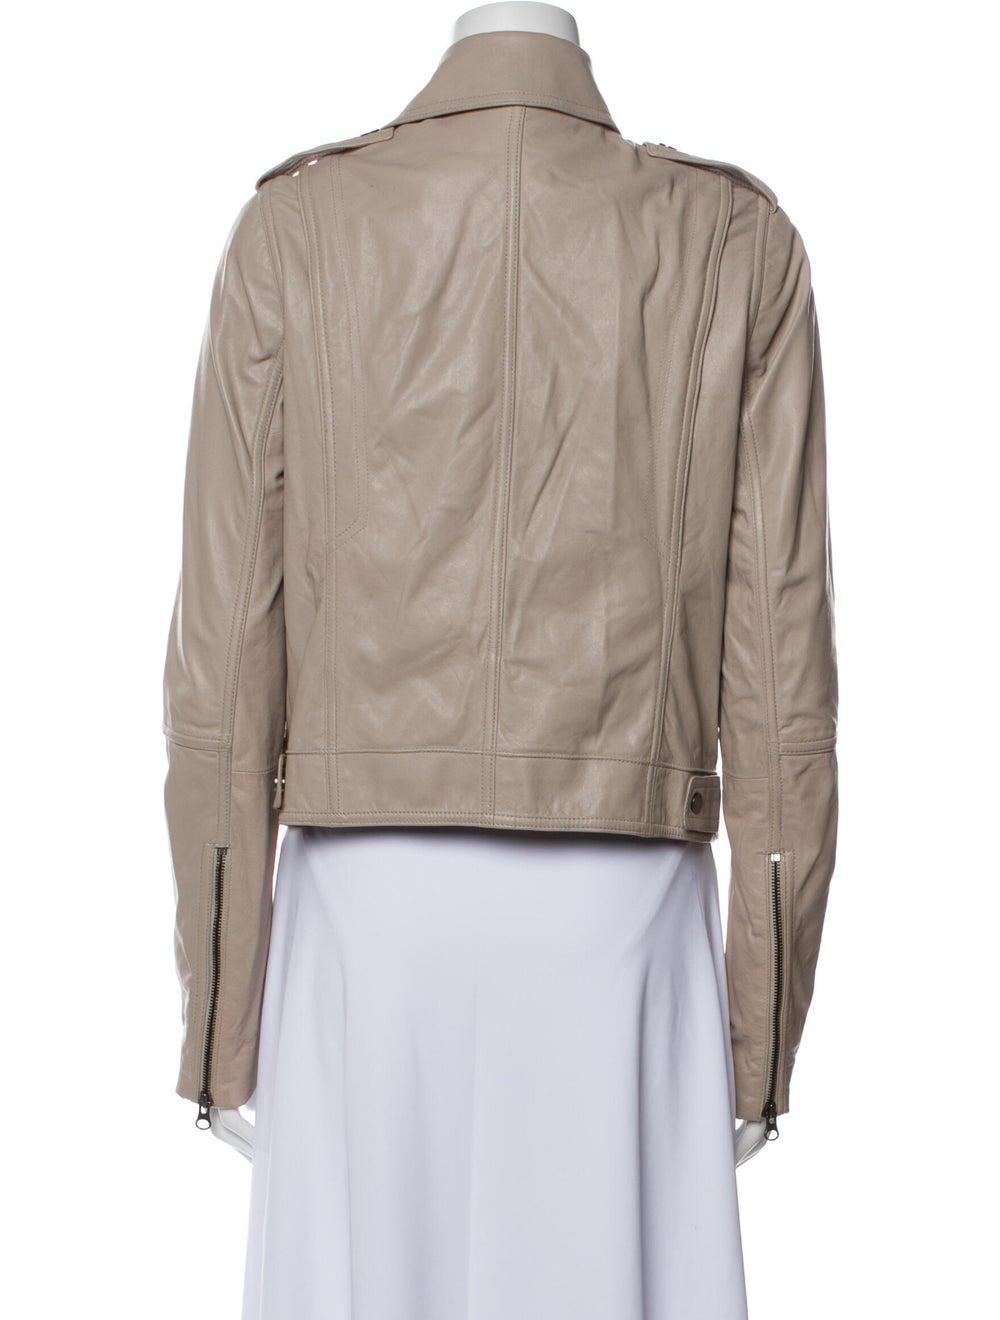 Vince Leather Biker Jacket - image 3